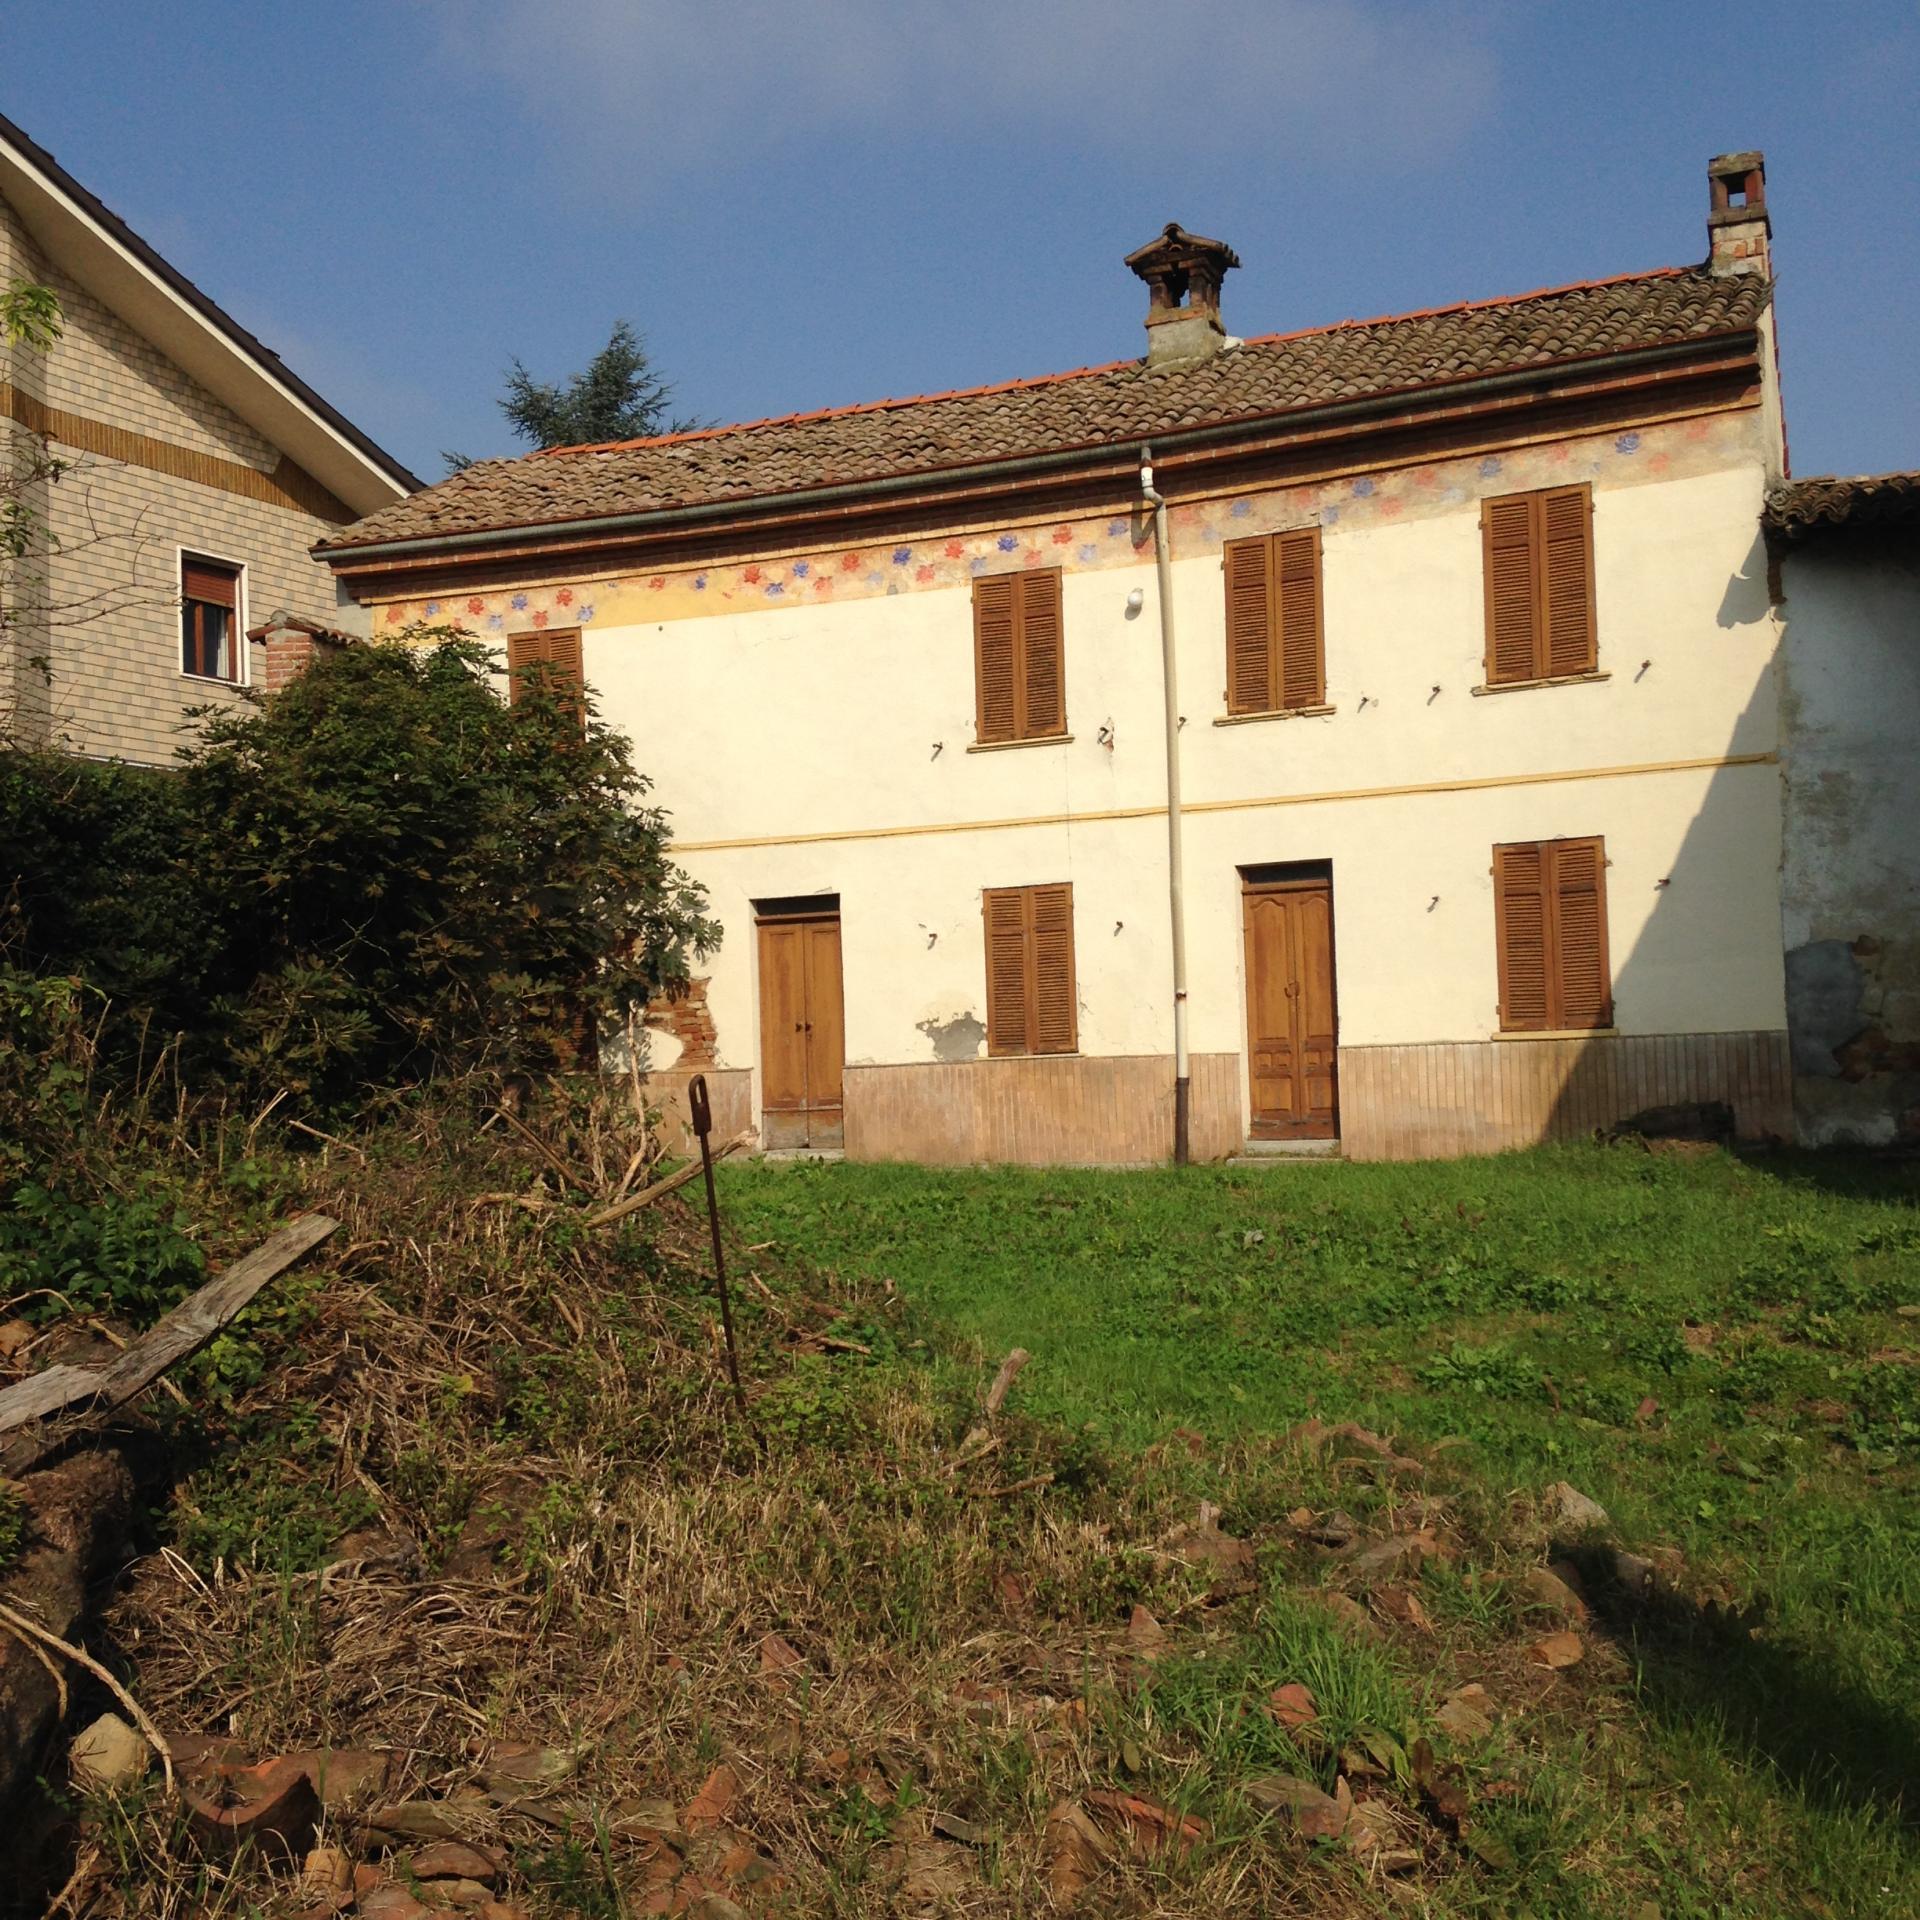 Soluzione Indipendente in vendita a Bassignana, 6 locali, zona Zona: Mugarone, prezzo € 130.000 | Cambio Casa.it